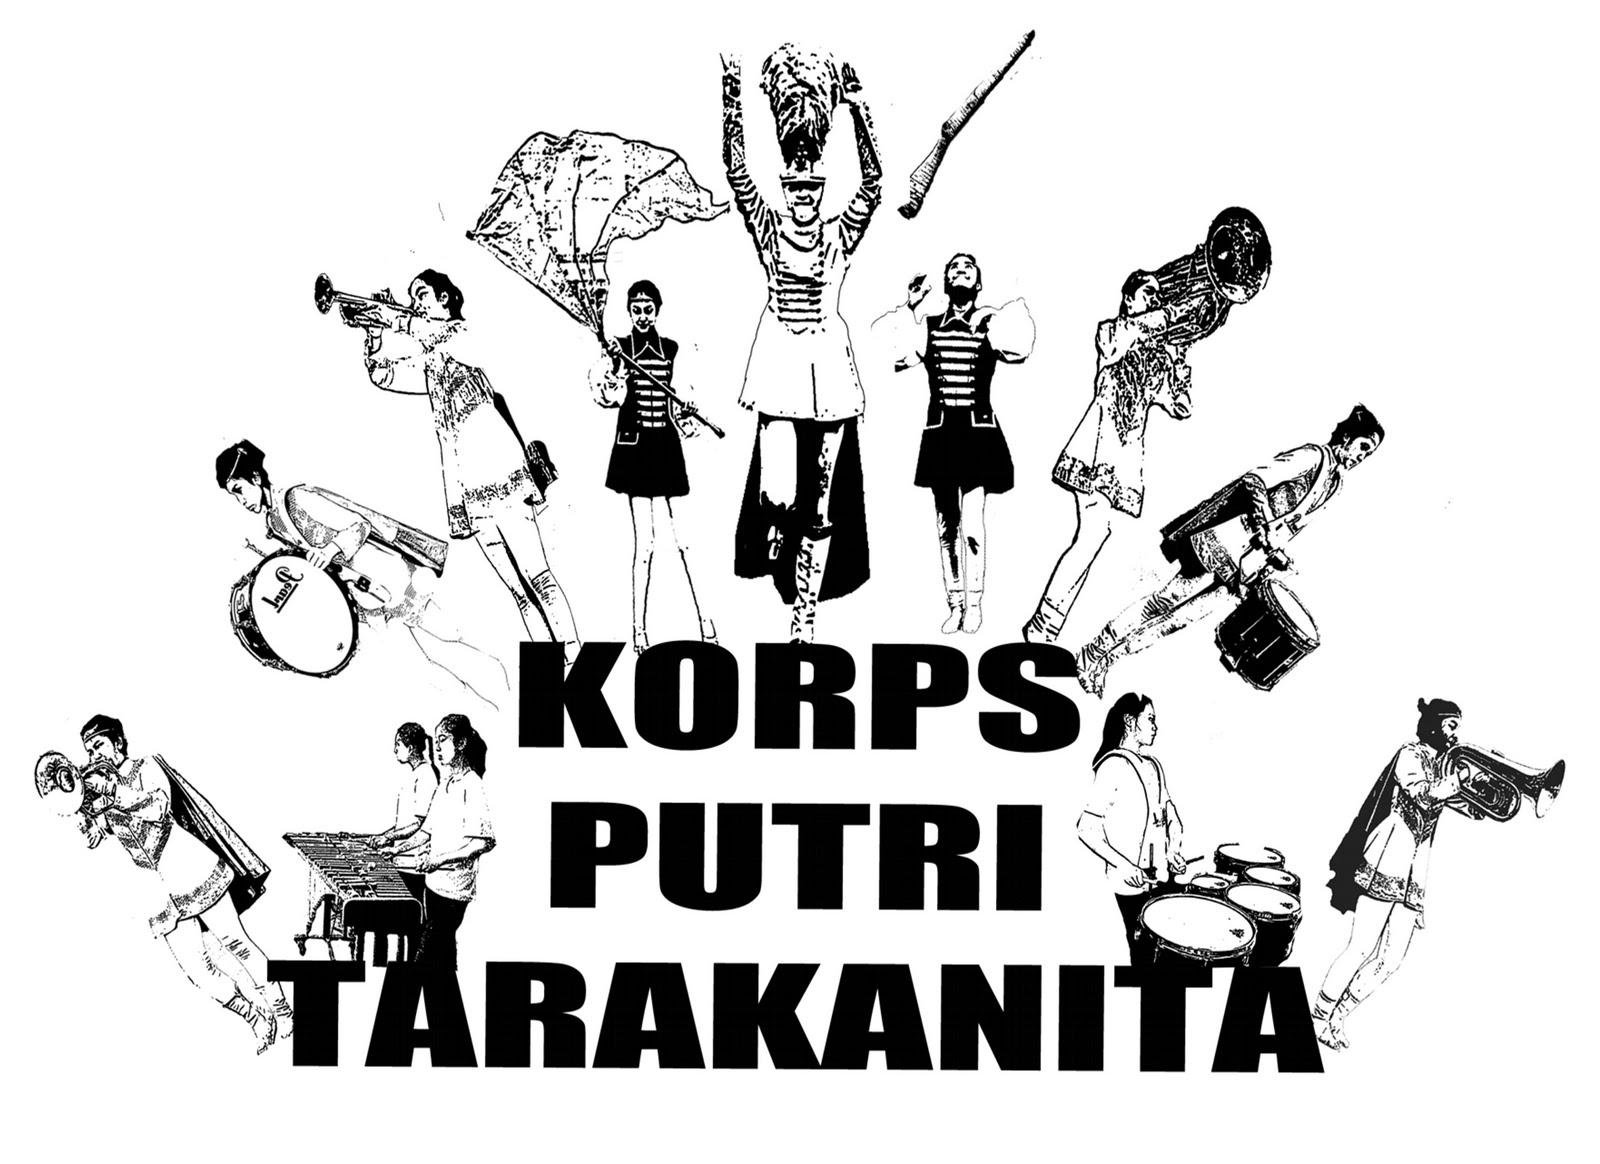 KORPS PUTRI TARAKANITA